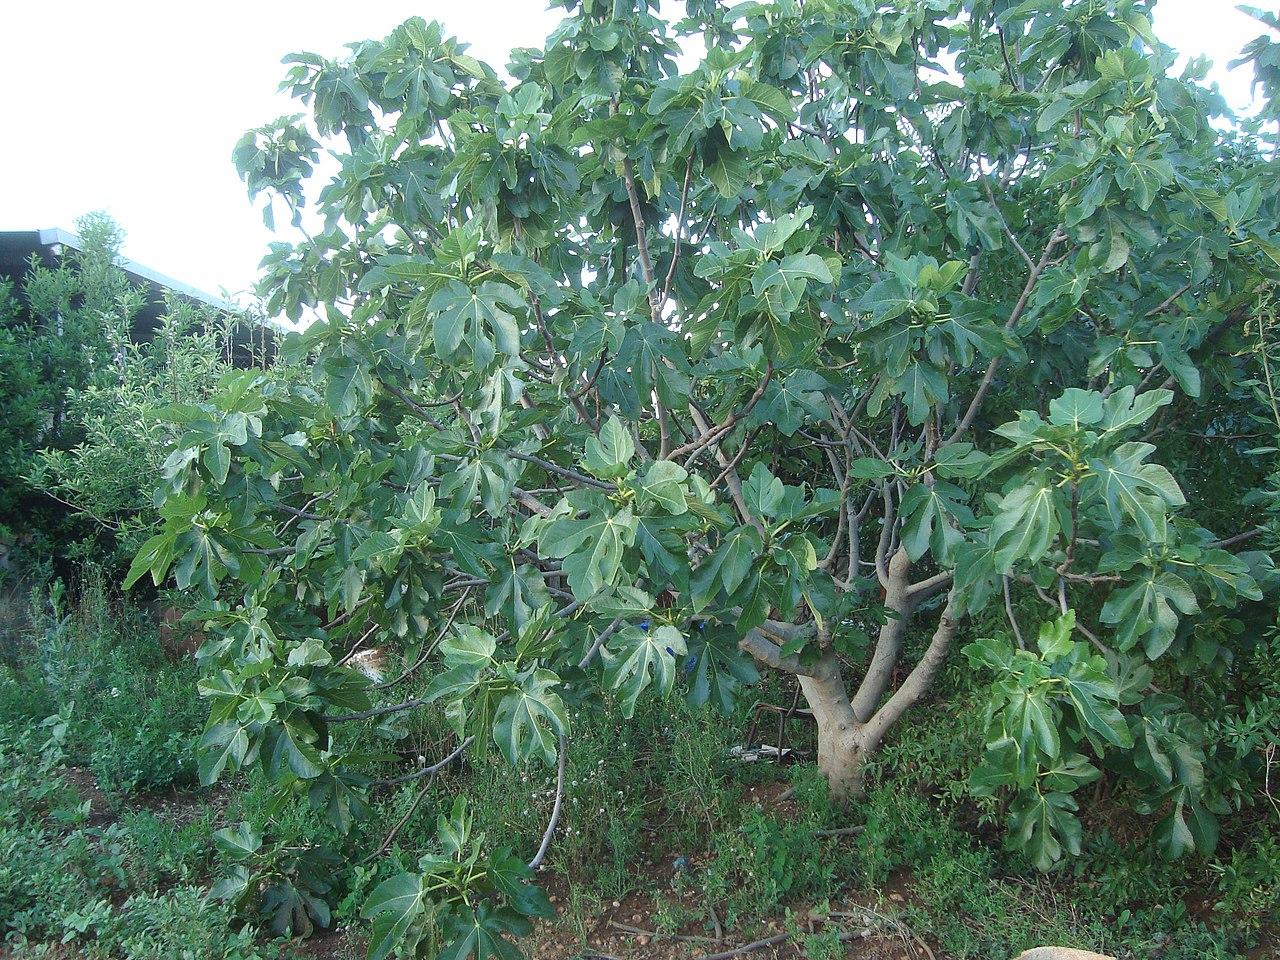 La higuera es un árbol caducifolio